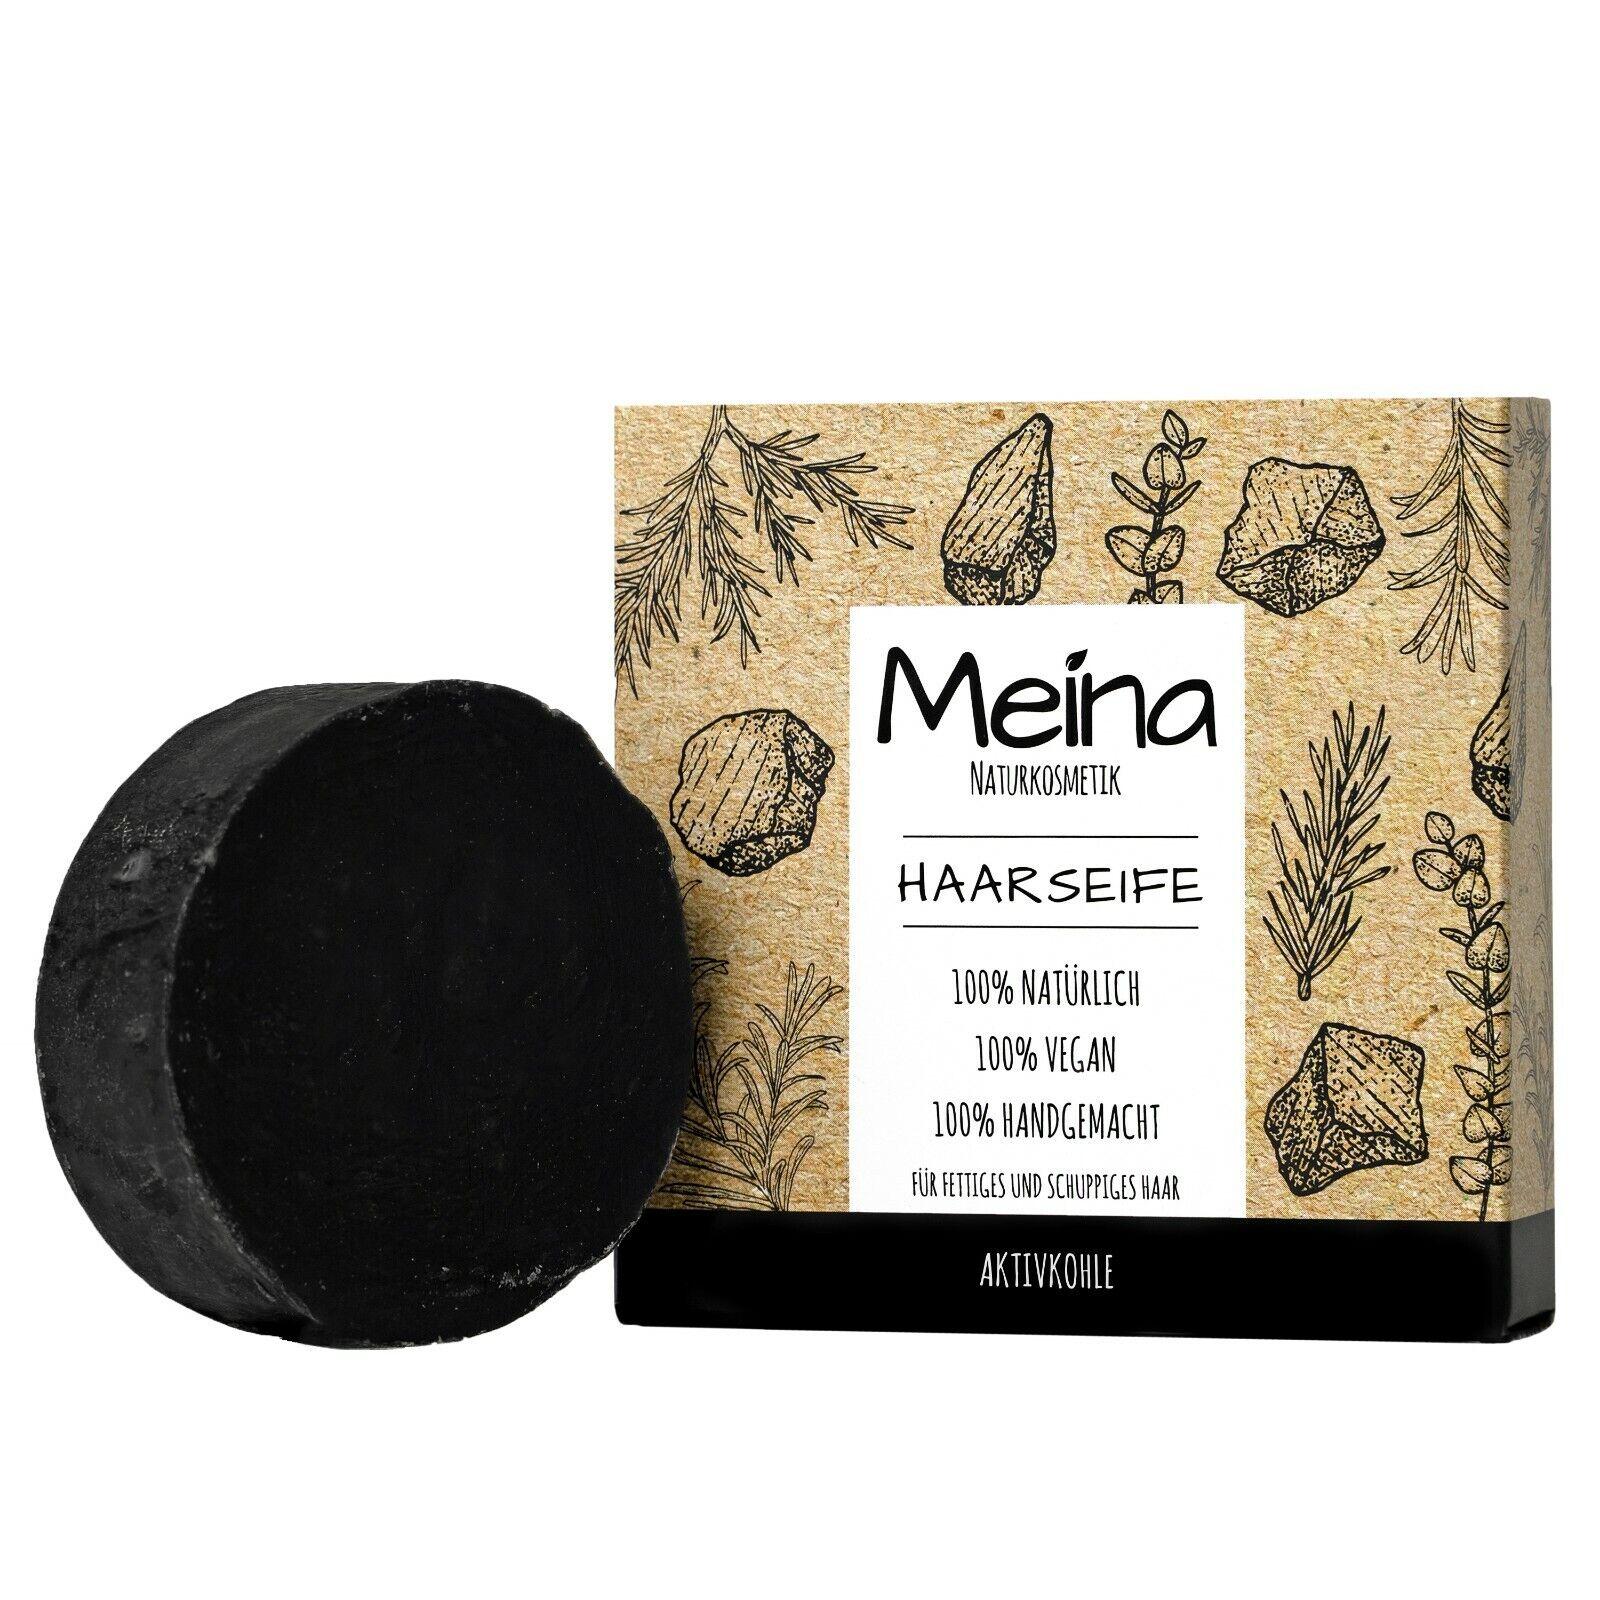 Meina Naturkosmetik - Haarseife mit Aktivkohle, Shampoo Bar gegen Schuppen, 80g